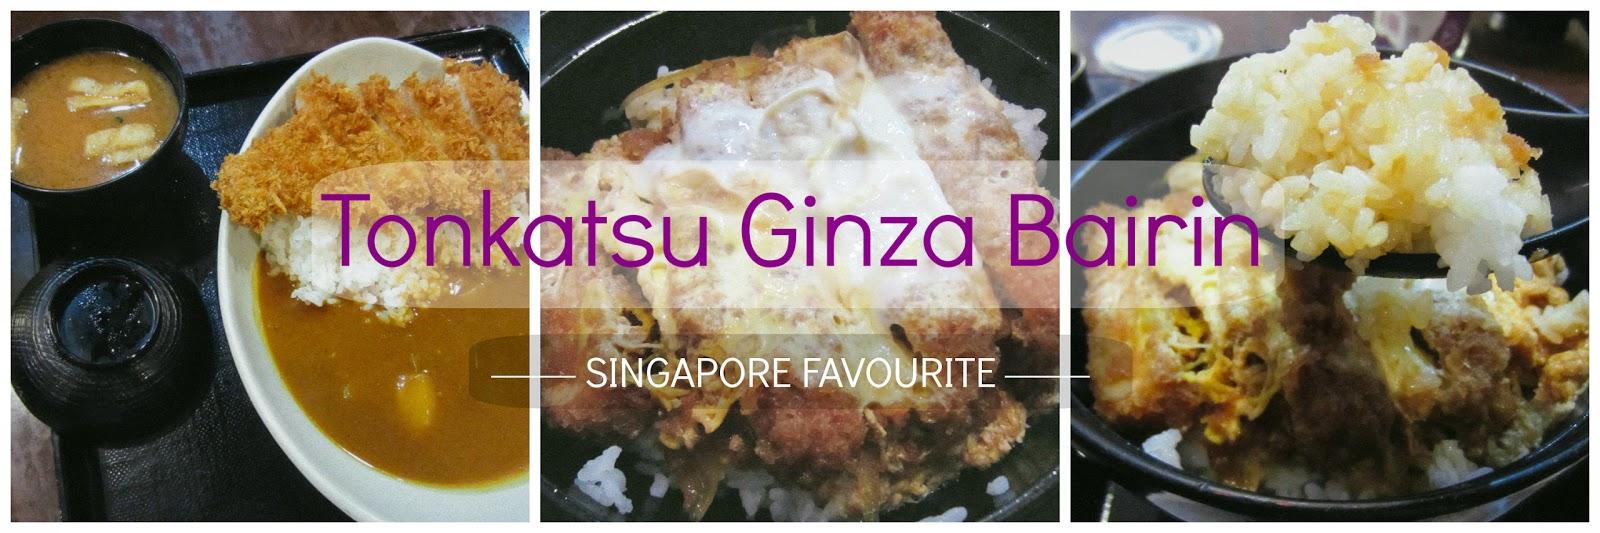 Tonkatsu Ginza Bairin Menu Singapore Tonkatsu Ginza Bairin